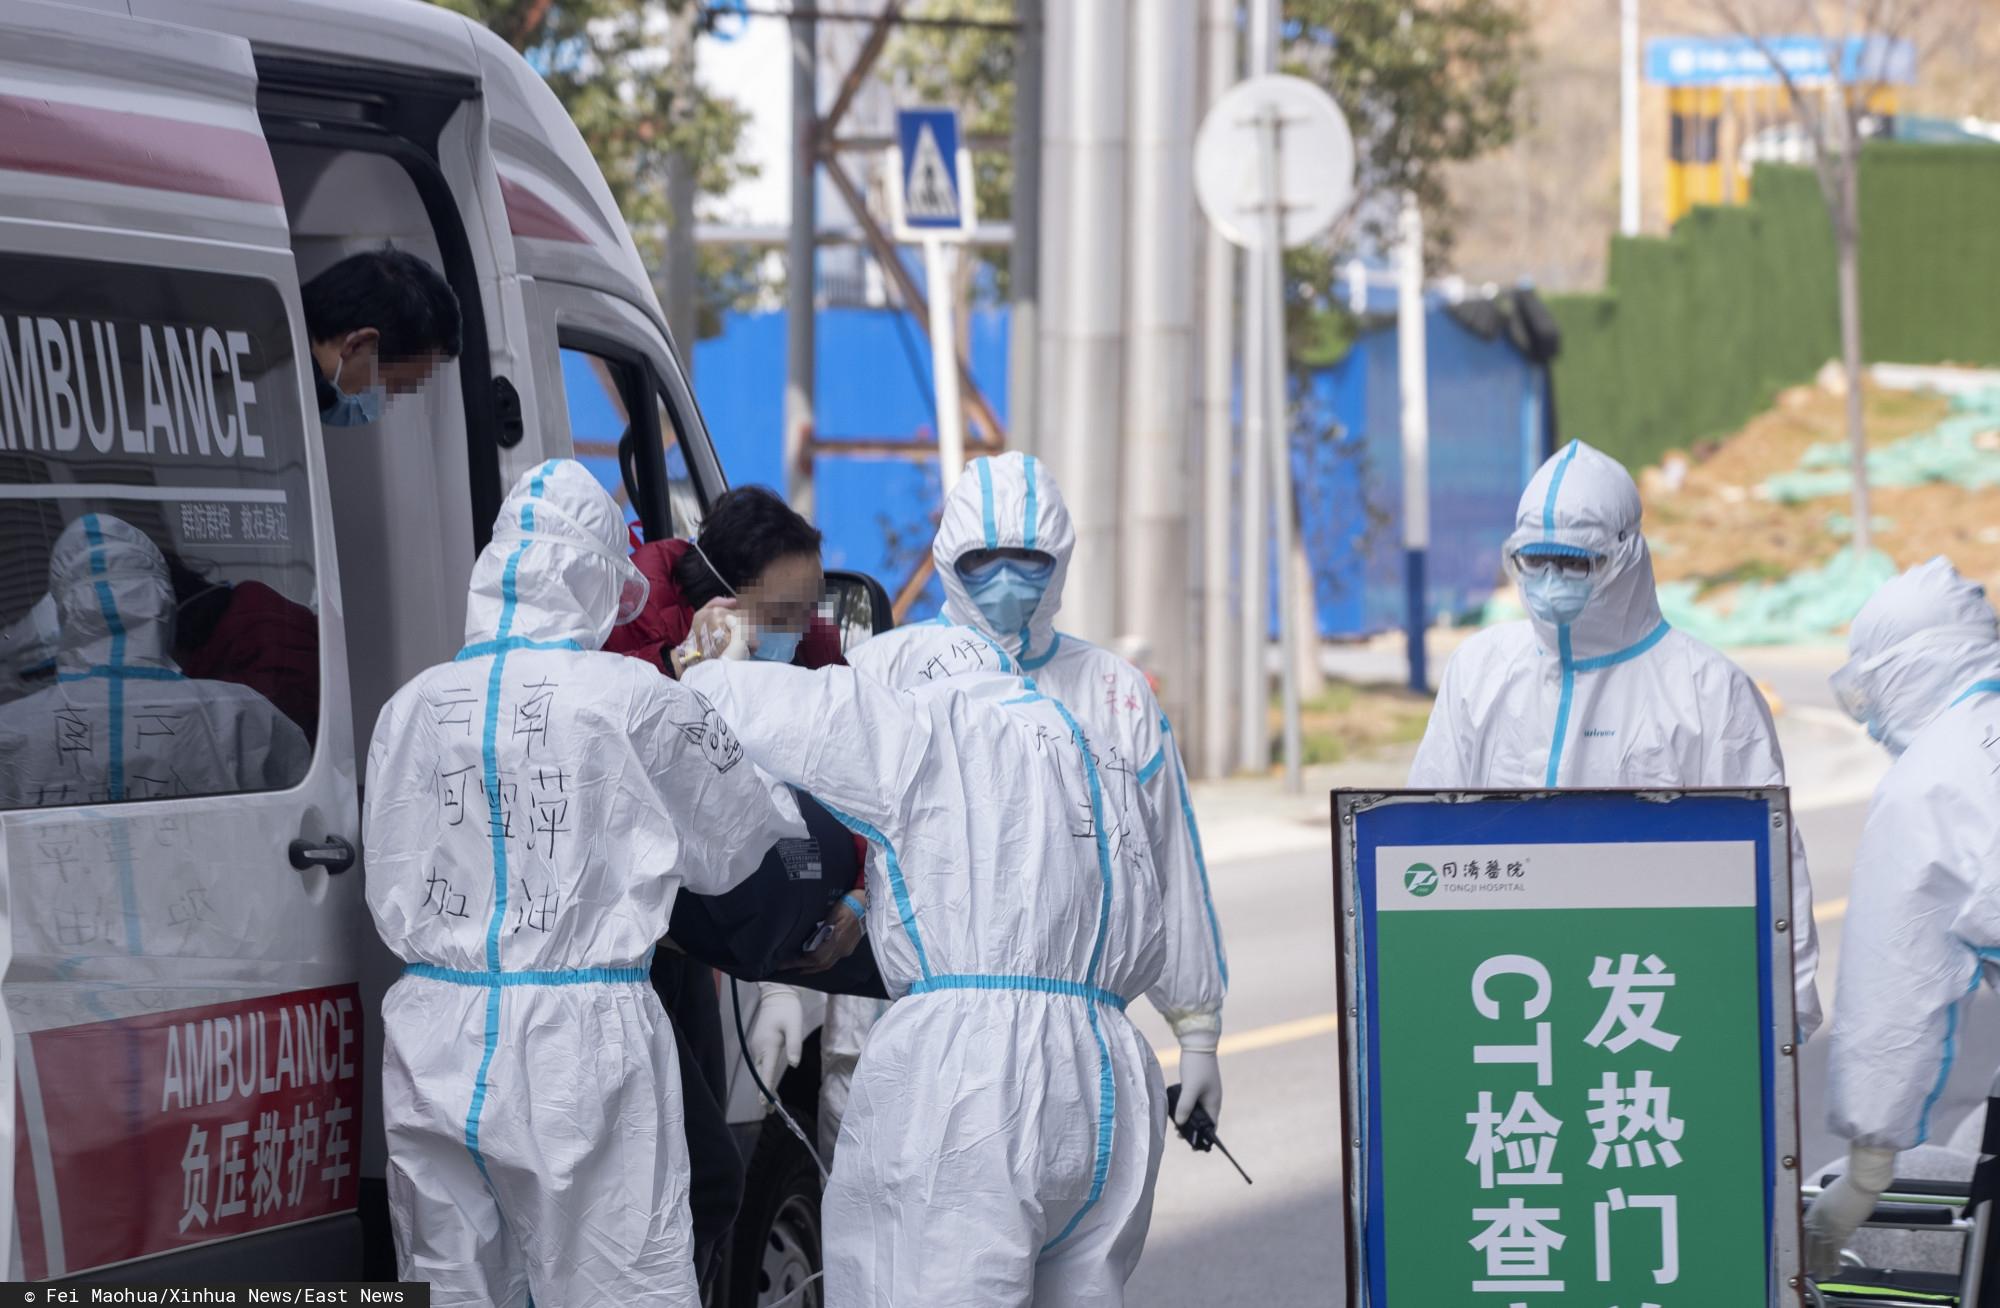 Lekarze z Wuhan nie mogą powstrzymać emocji, przełomowa decyzja. Niesamowite sceny rozegrały się na oczach wszystkich